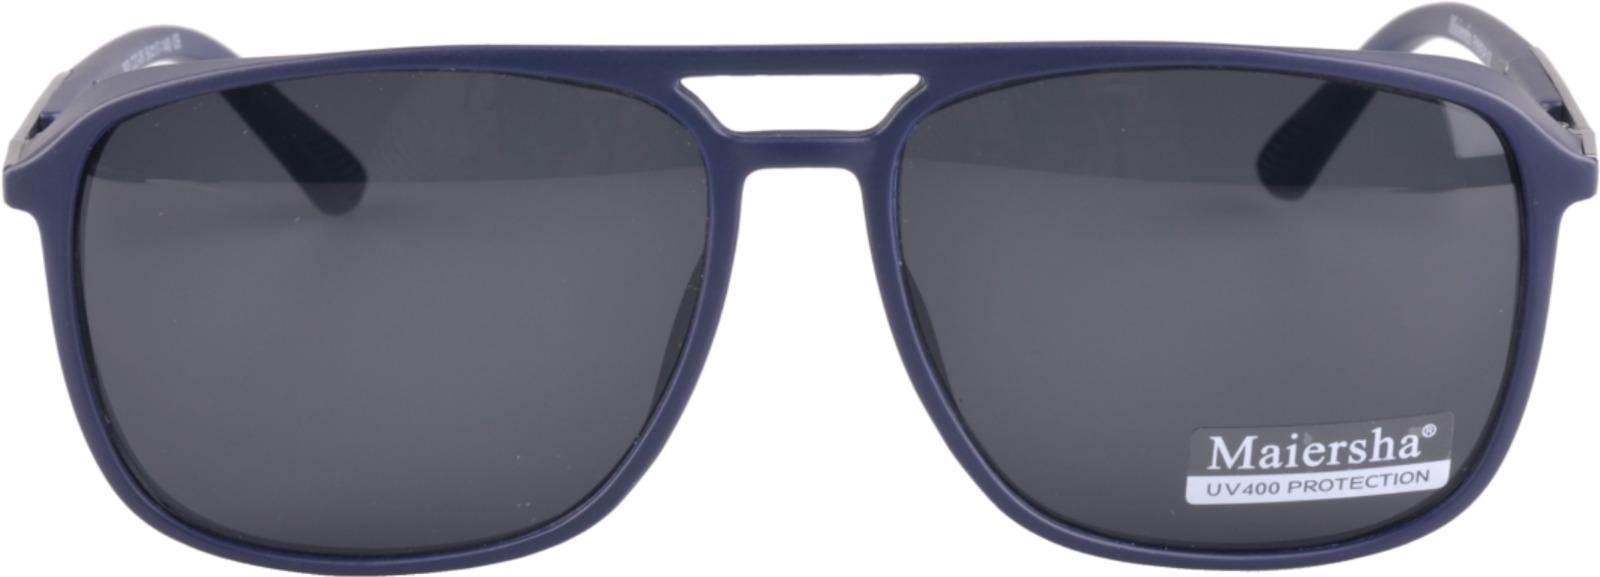 Очки солнцезащитные мужские Maiersha, 3803 С22-08, фиолетовый